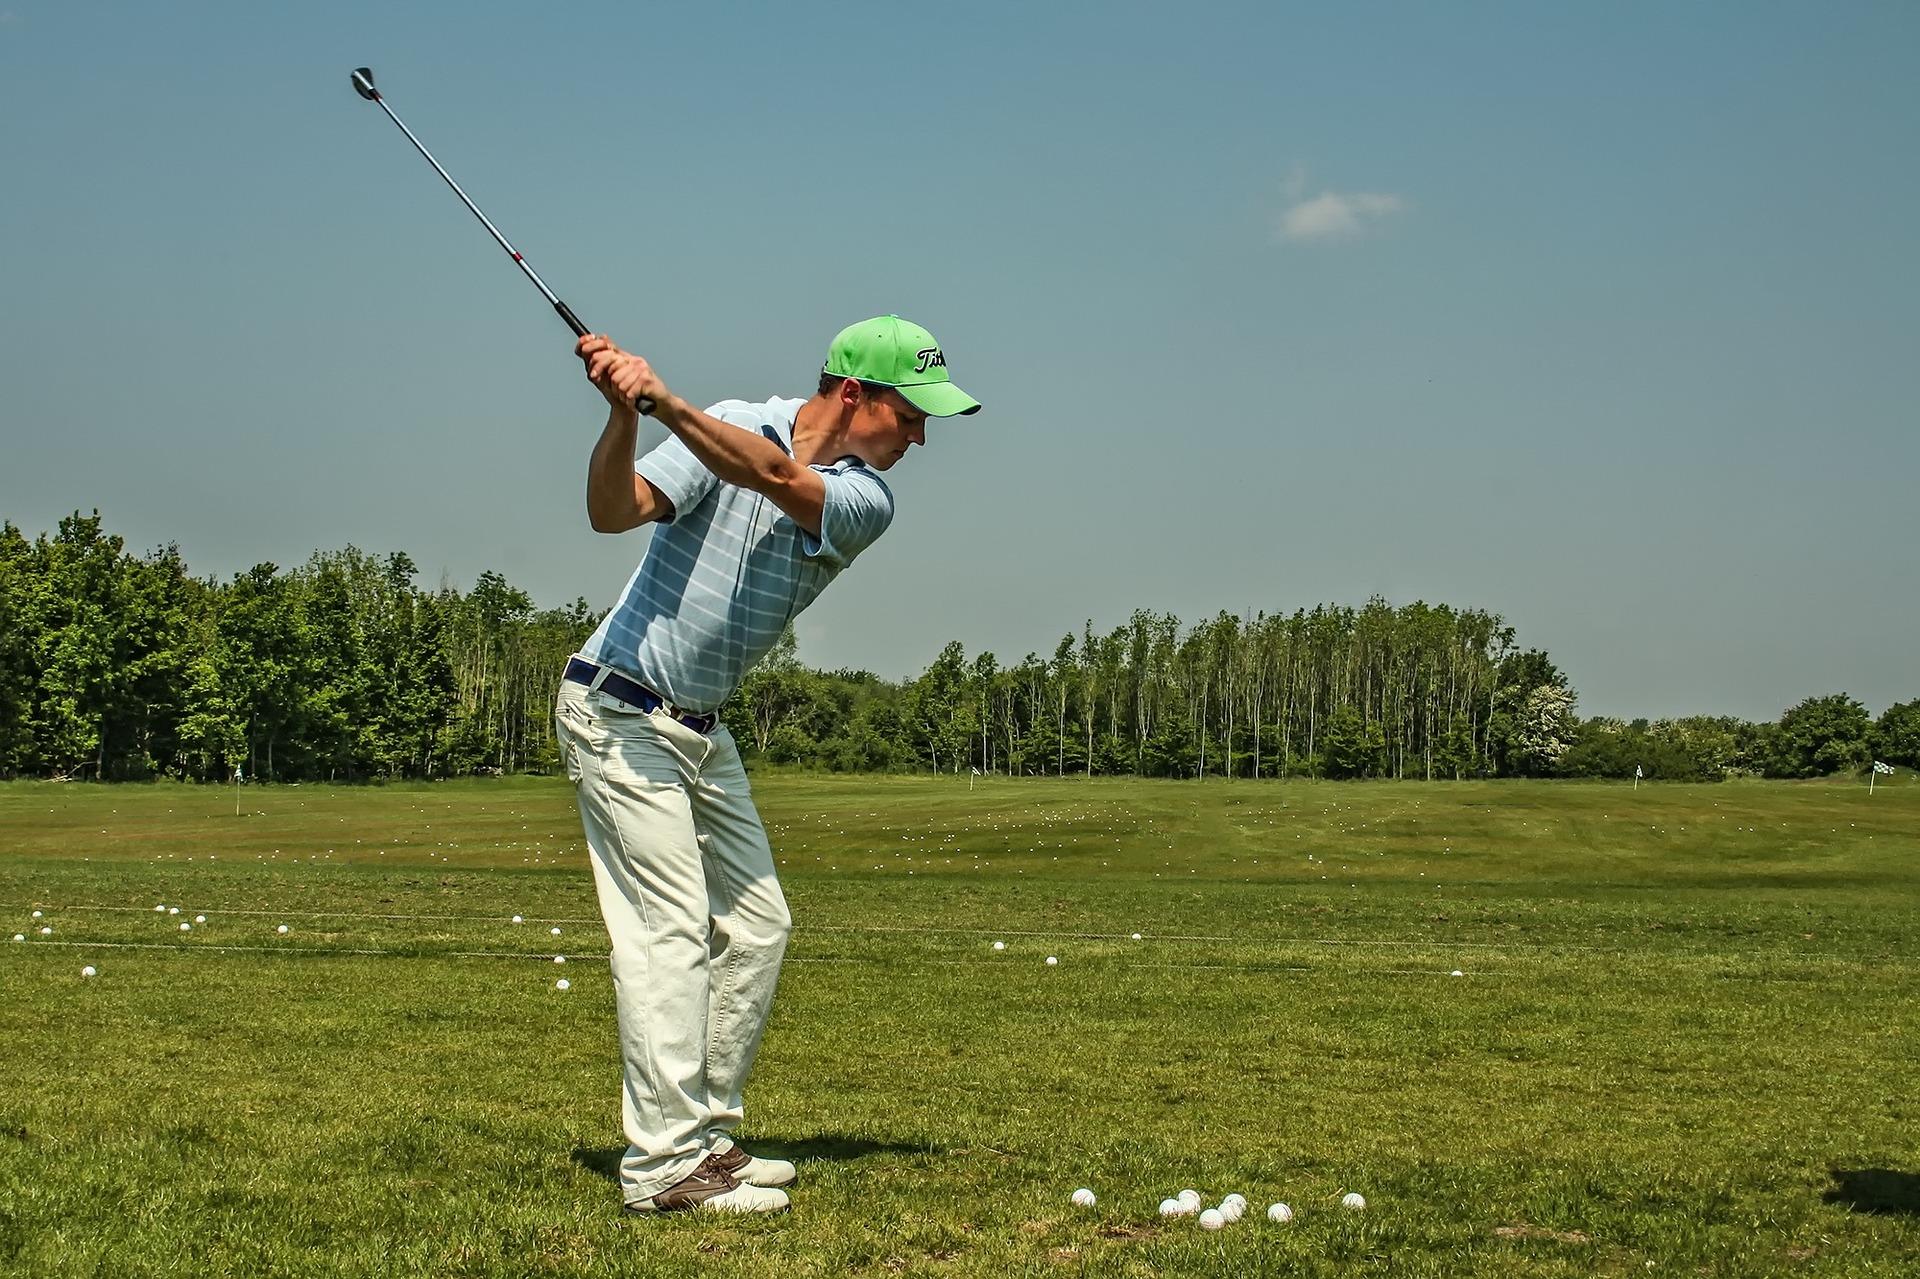 インターロッキンググリップで打つゴルファー